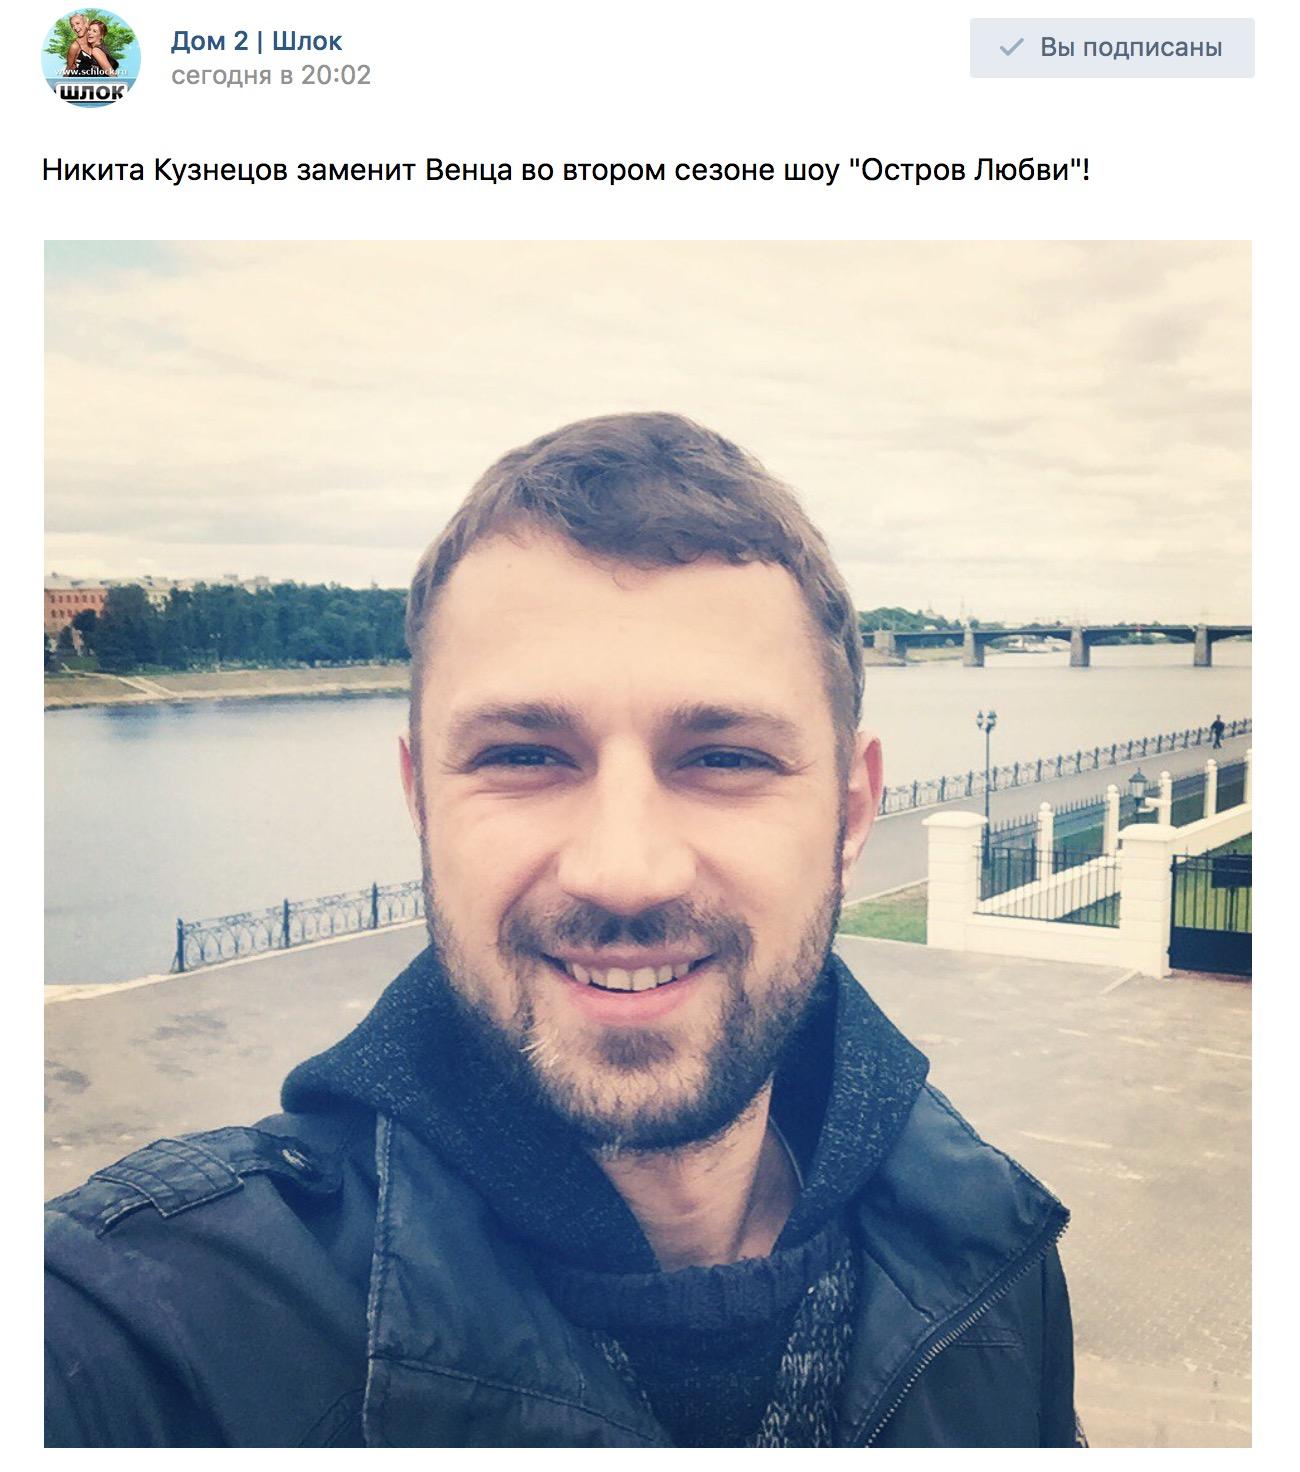 Никита Кузнецов заменит Венца